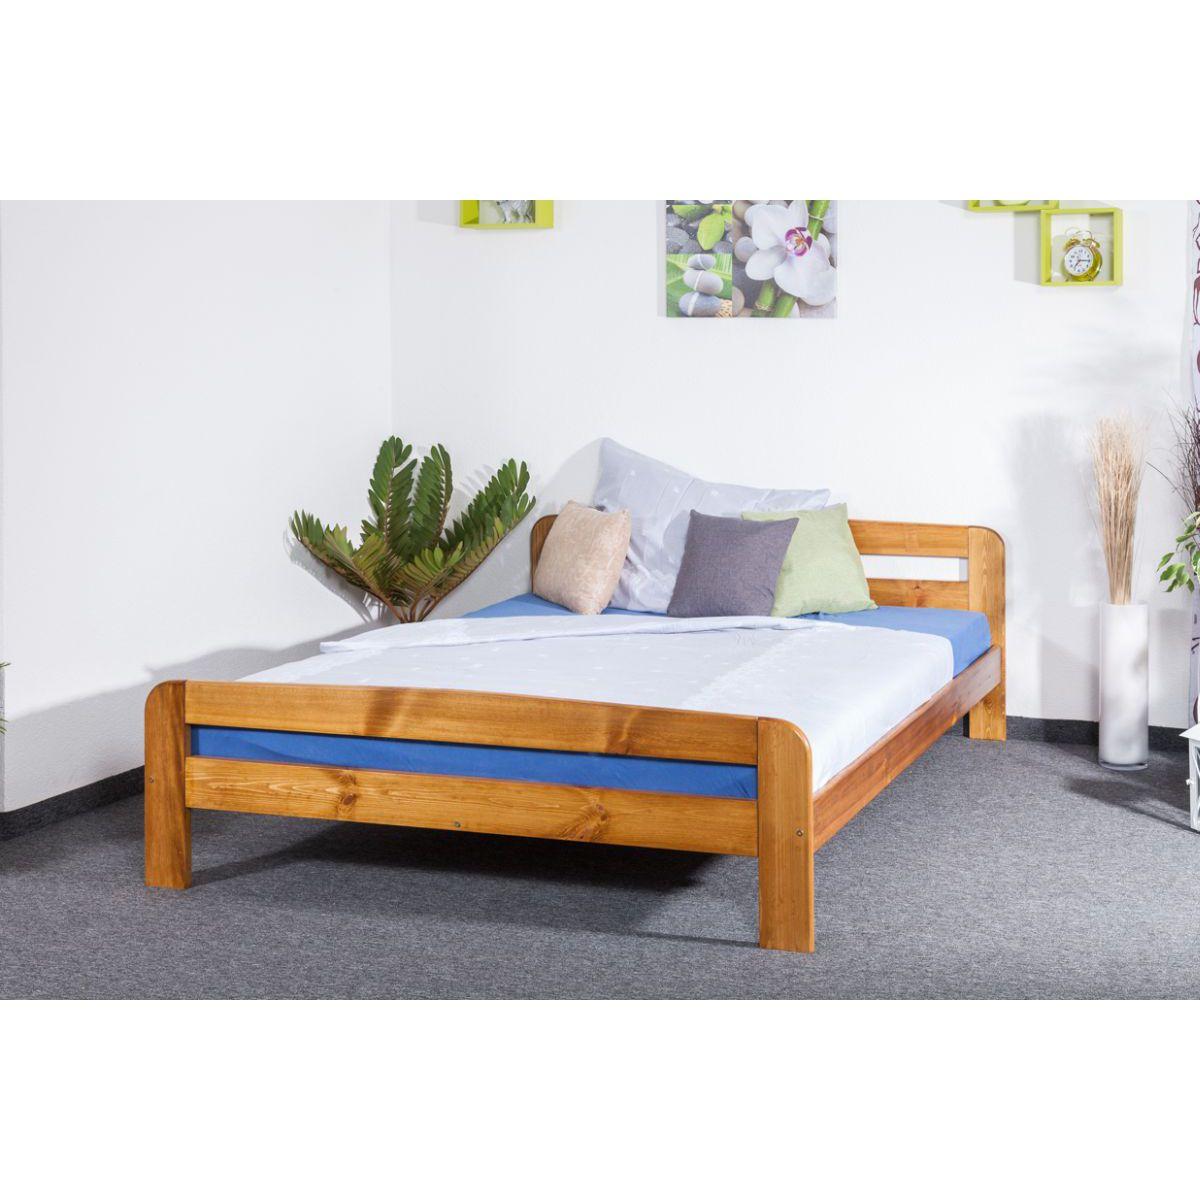 Full Size of Bett 160x200 Mit Lattenrost Und Matratze Kaufen Ikea Ebay Kleinanzeigen 160 X 180 Cm Welches Oder Stauraum Gebraucht 220 Paletten Tagesdecke Holz Kiefer 200 Bett Bett 160